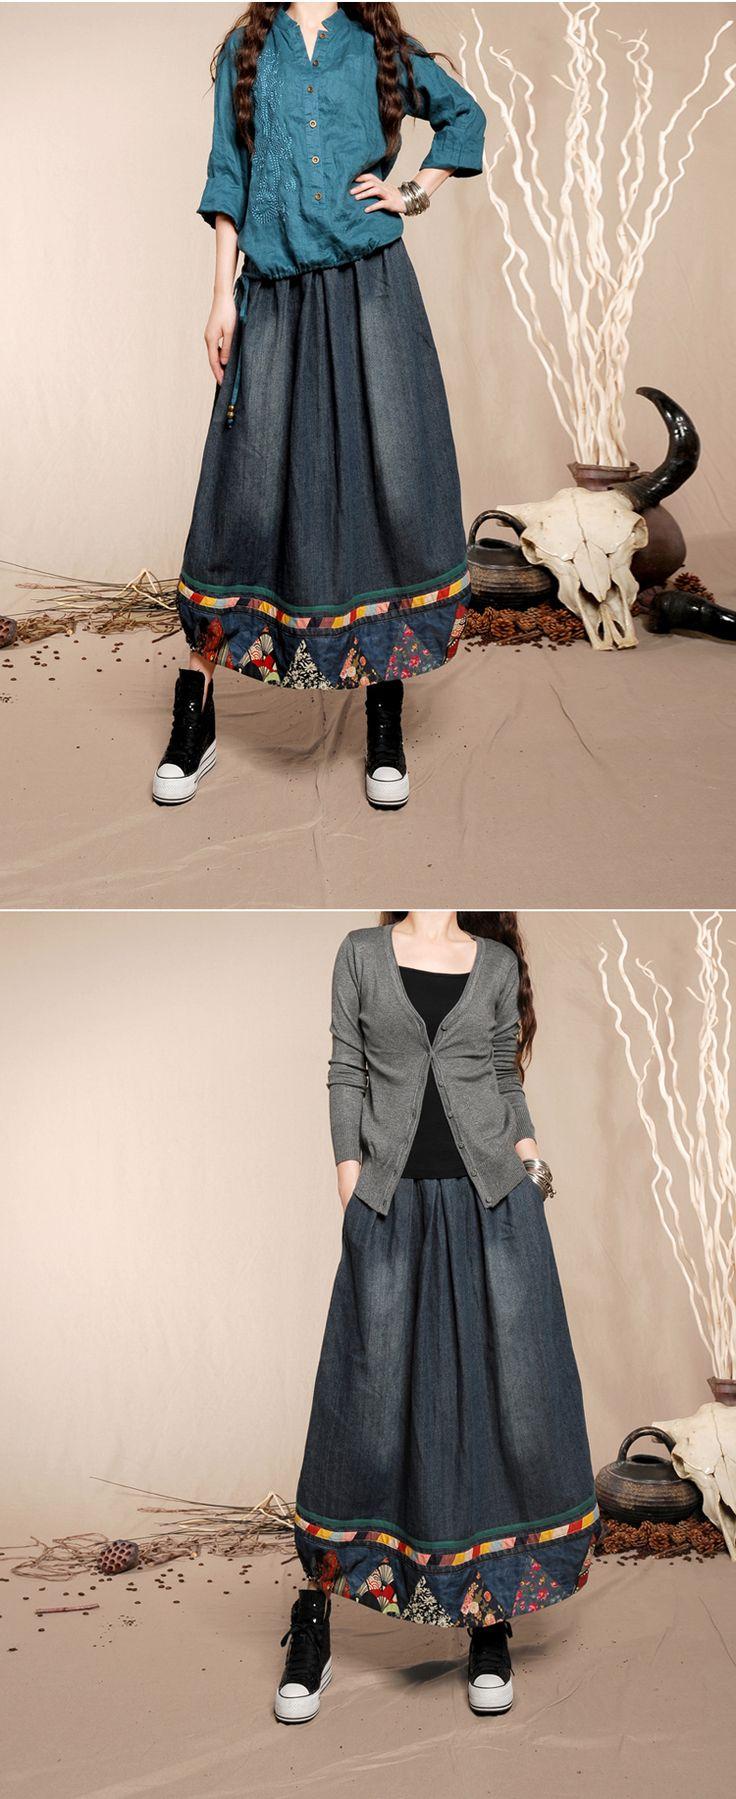 Новогодний ценопад! : Длинная юбка с карманами в боковых швах и отделкой по низу в этническом стиле